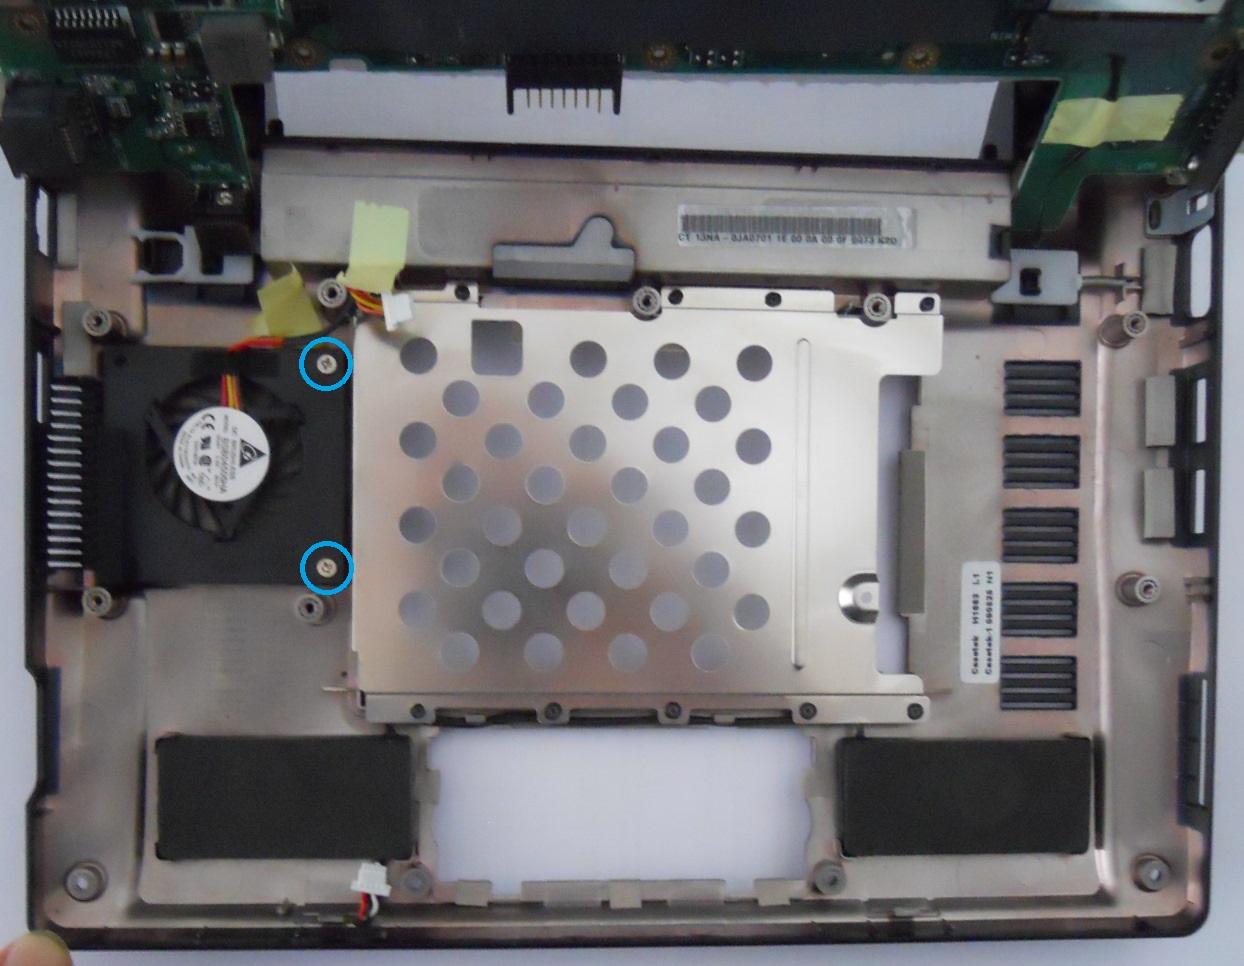 Asus Eee PC 900HD fan